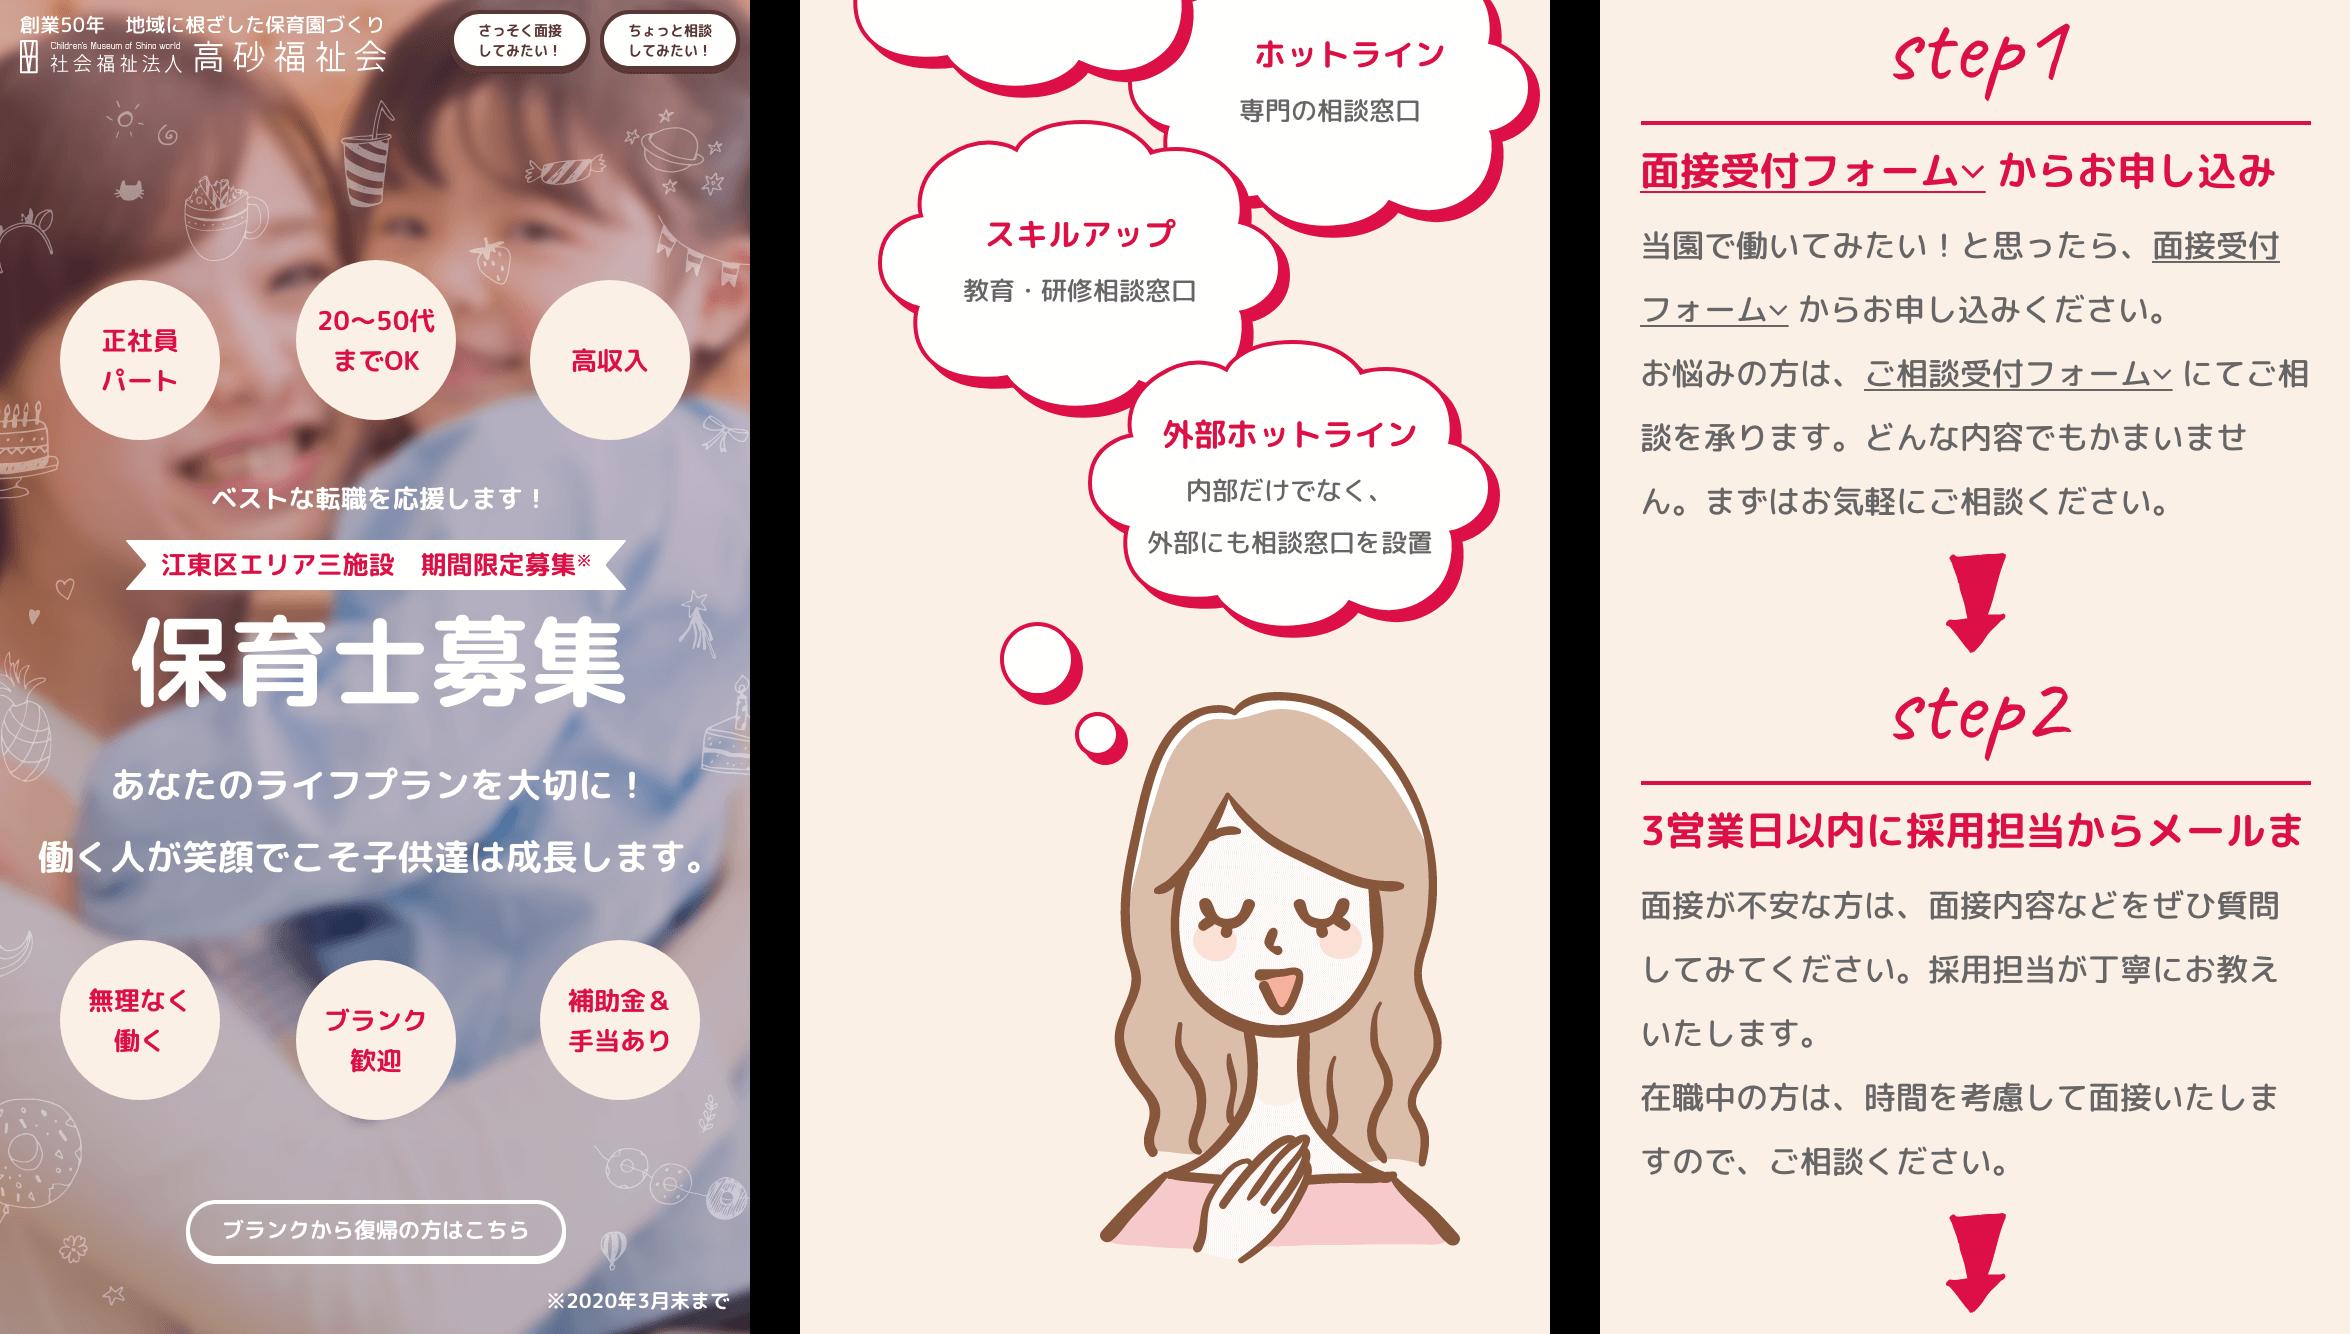 高砂福祉会 求人募集ランディングページ スマートフォン版